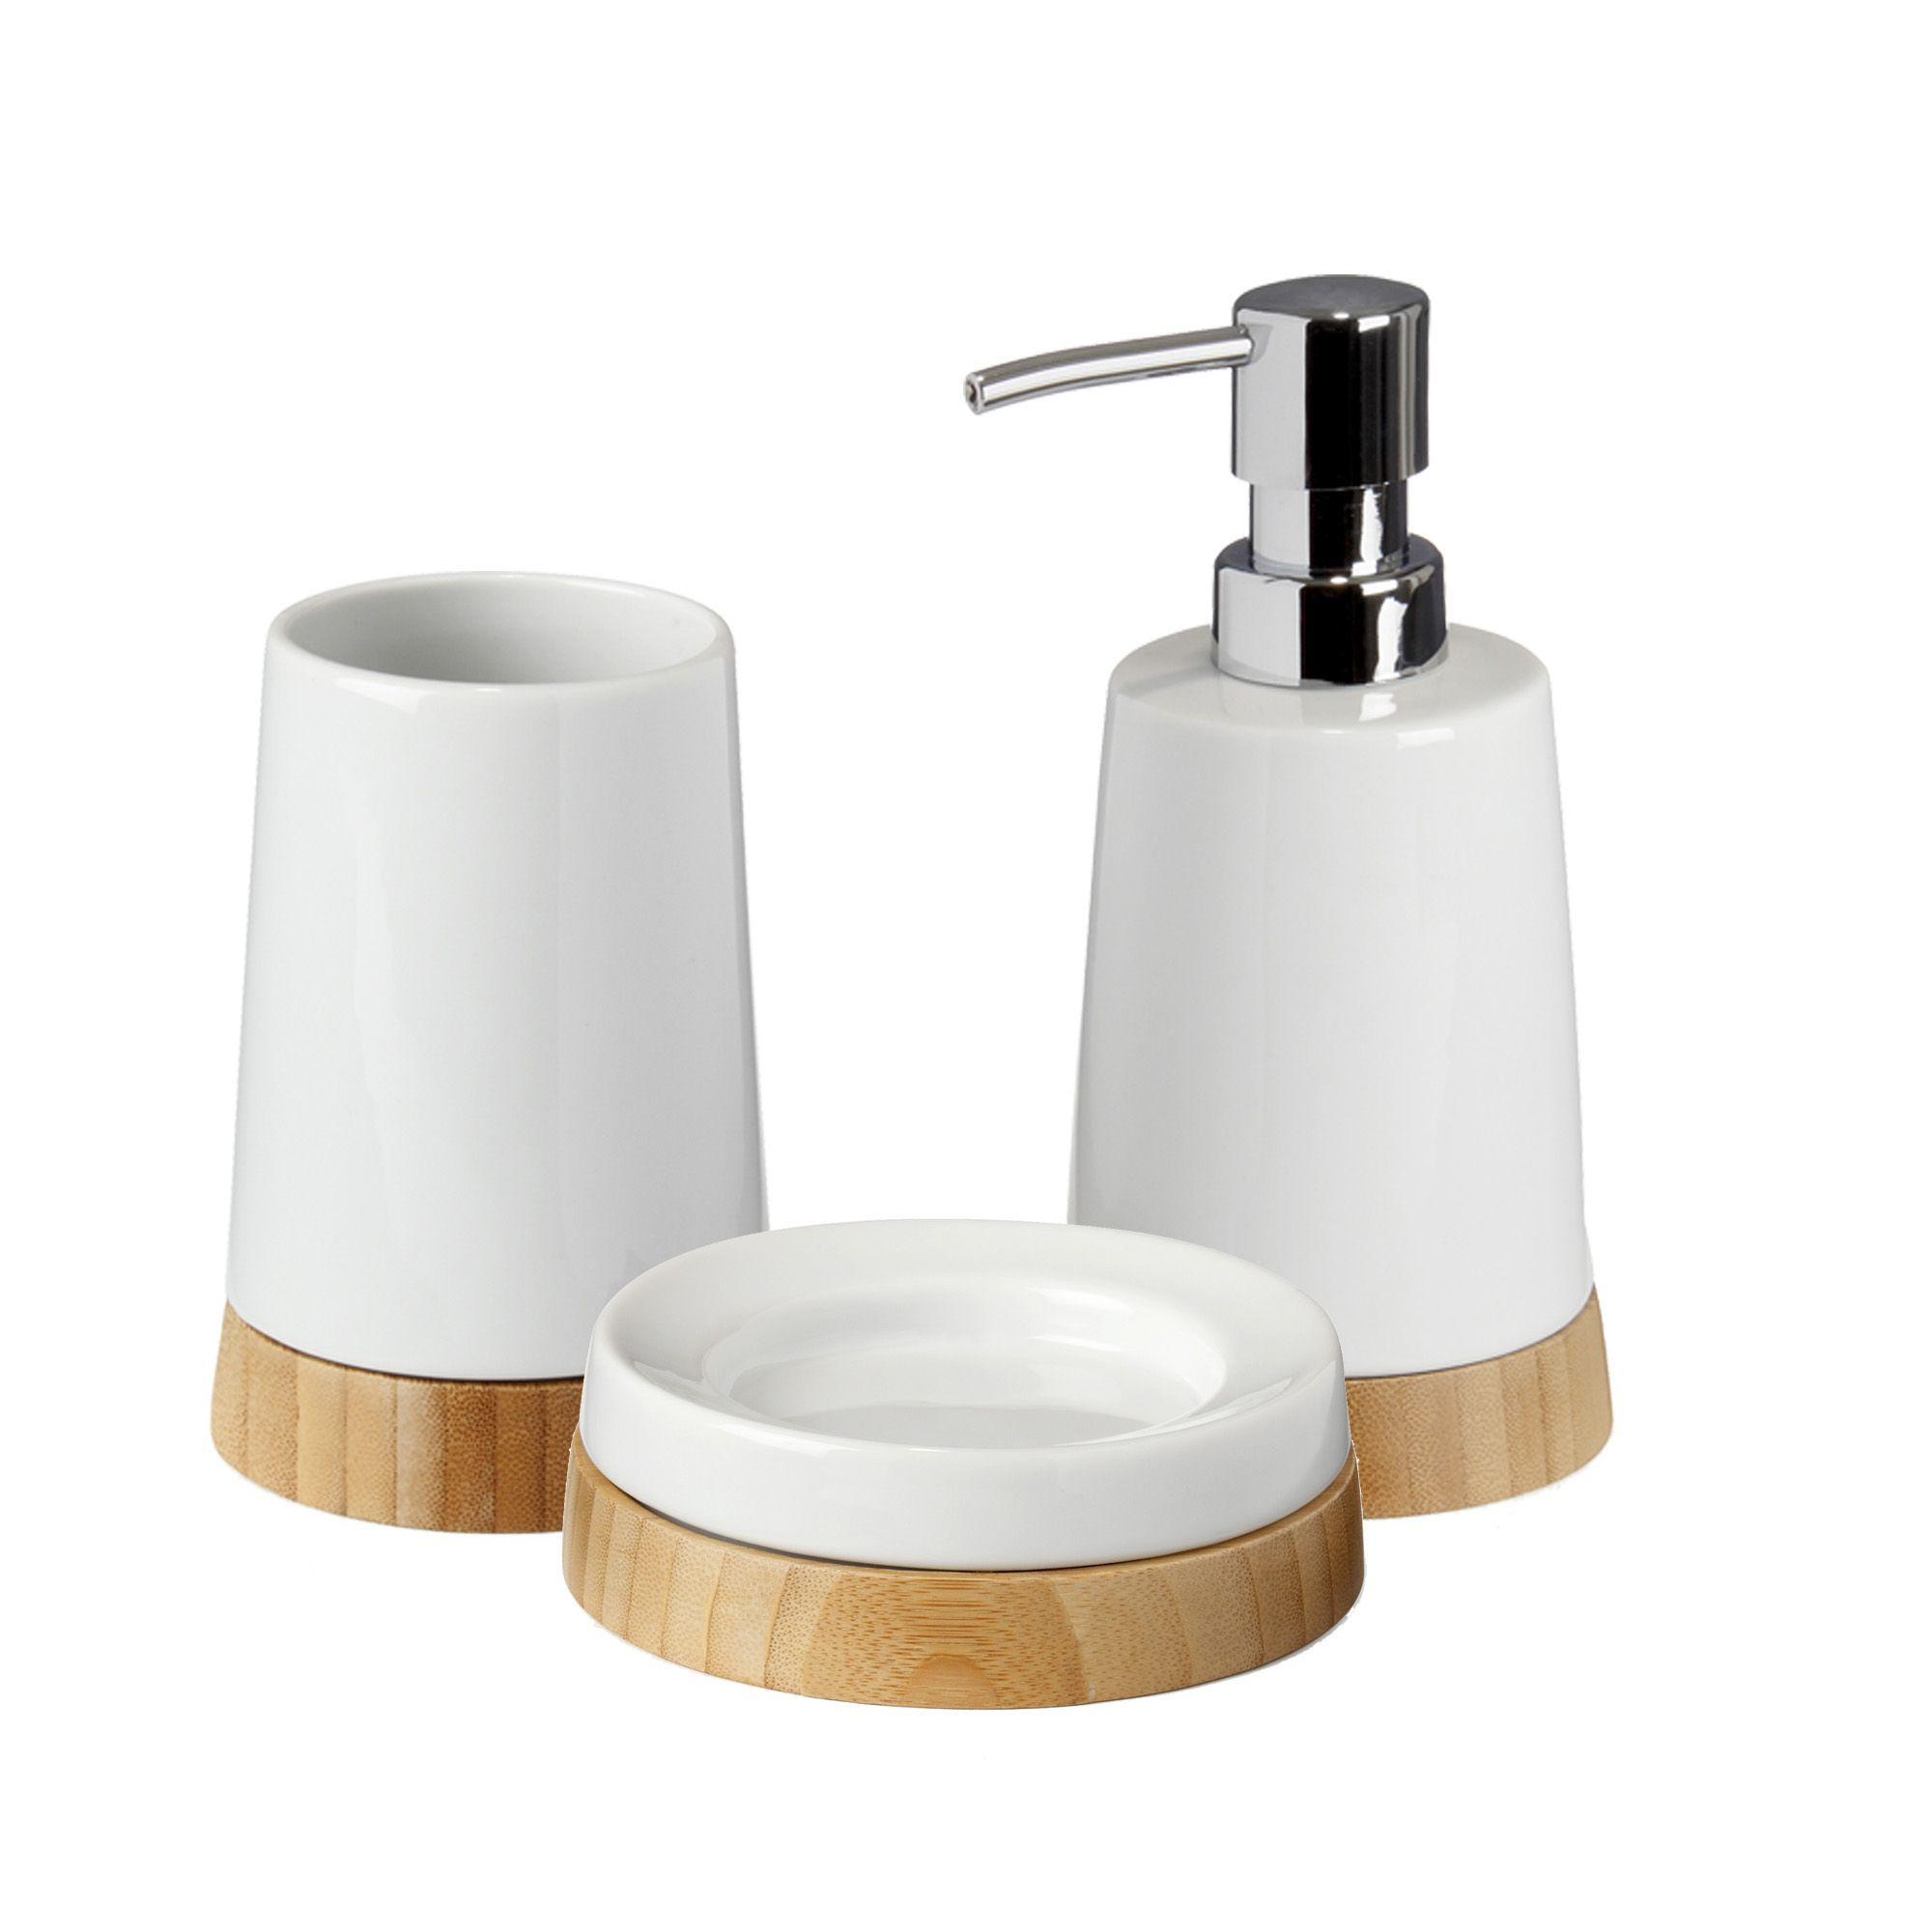 salle de bain en bambou